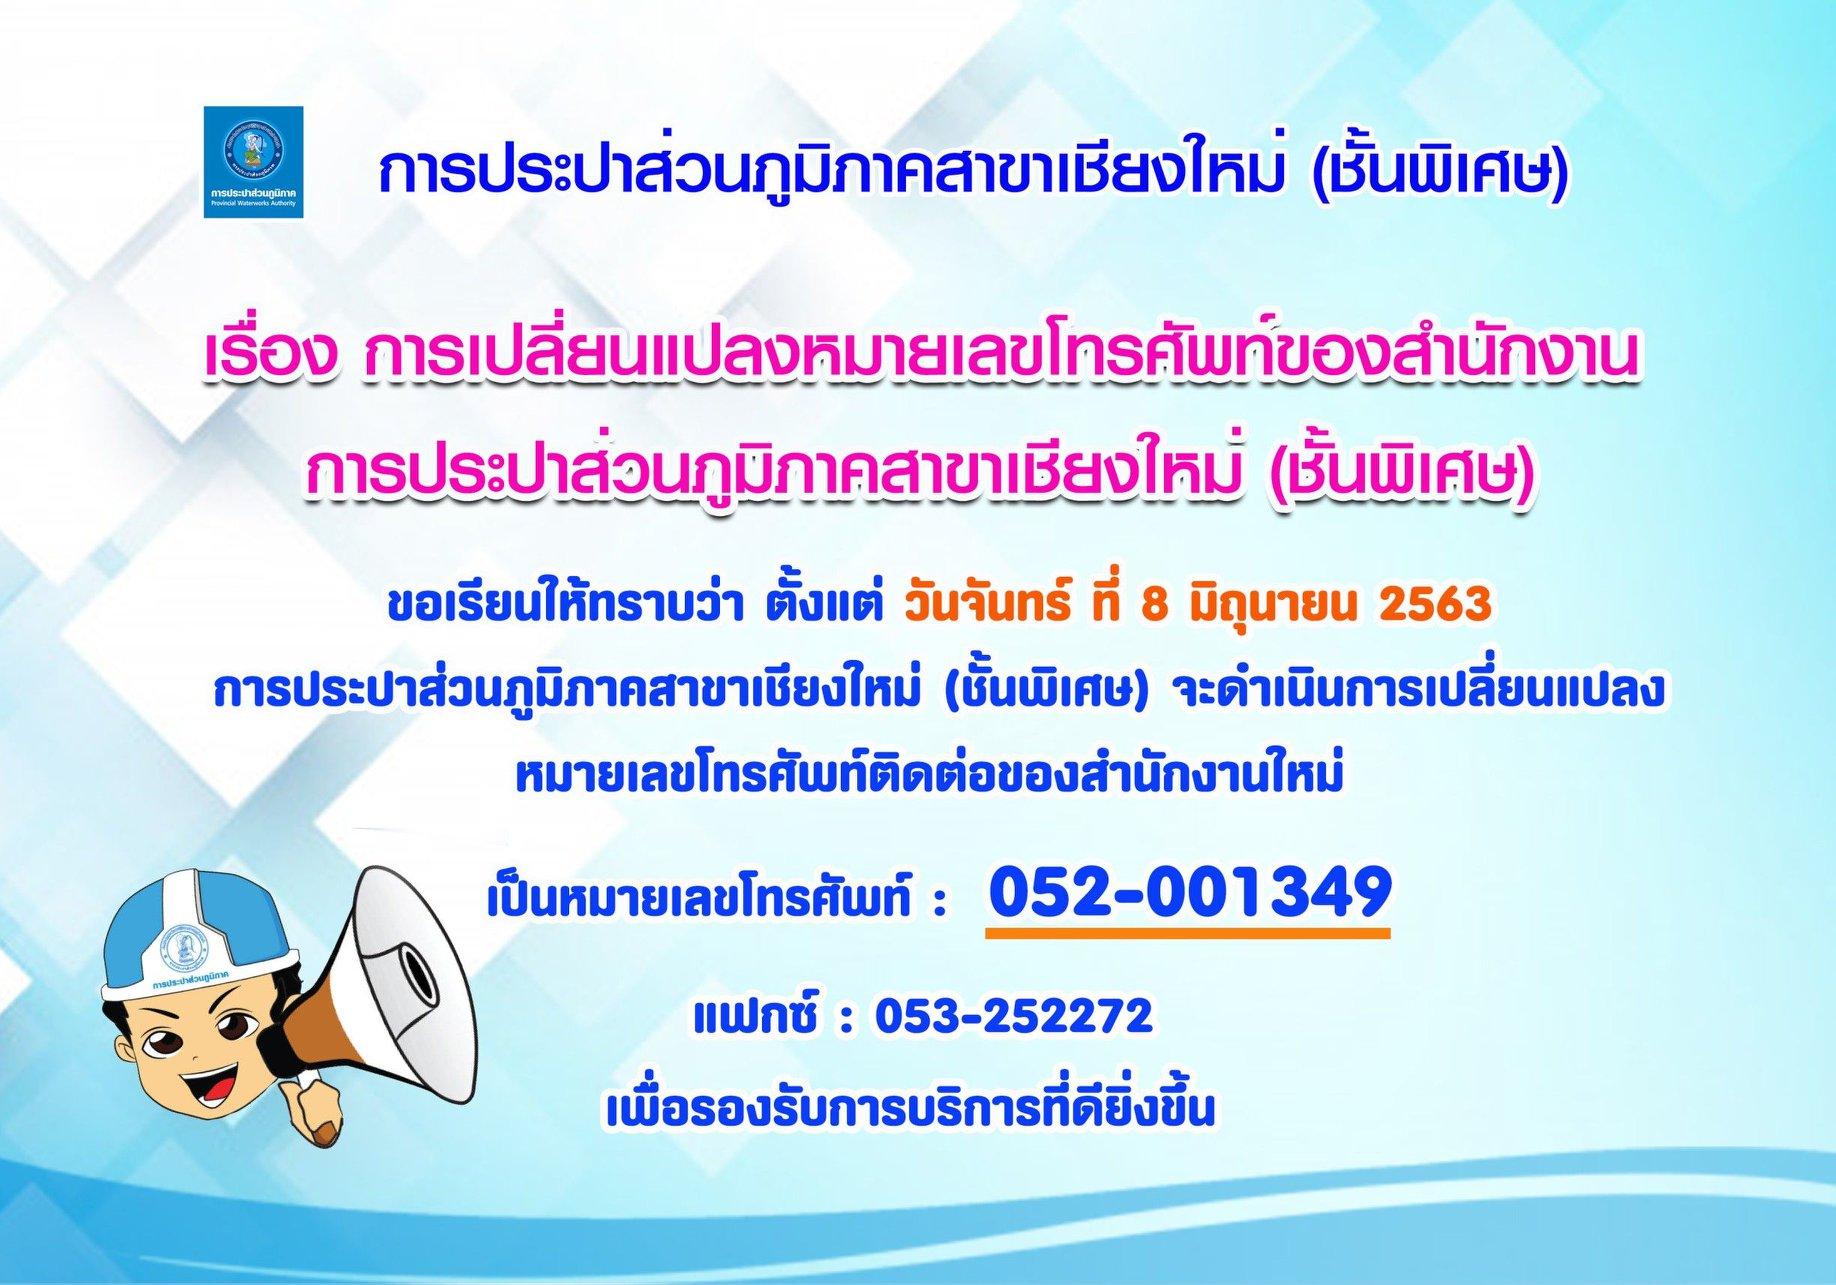 กปภ.สาขาเชียงใหม่(พ) แจ้งเปลี่ยนแปลงหมายเลขโทรศัพท์ เป็น 052-001349